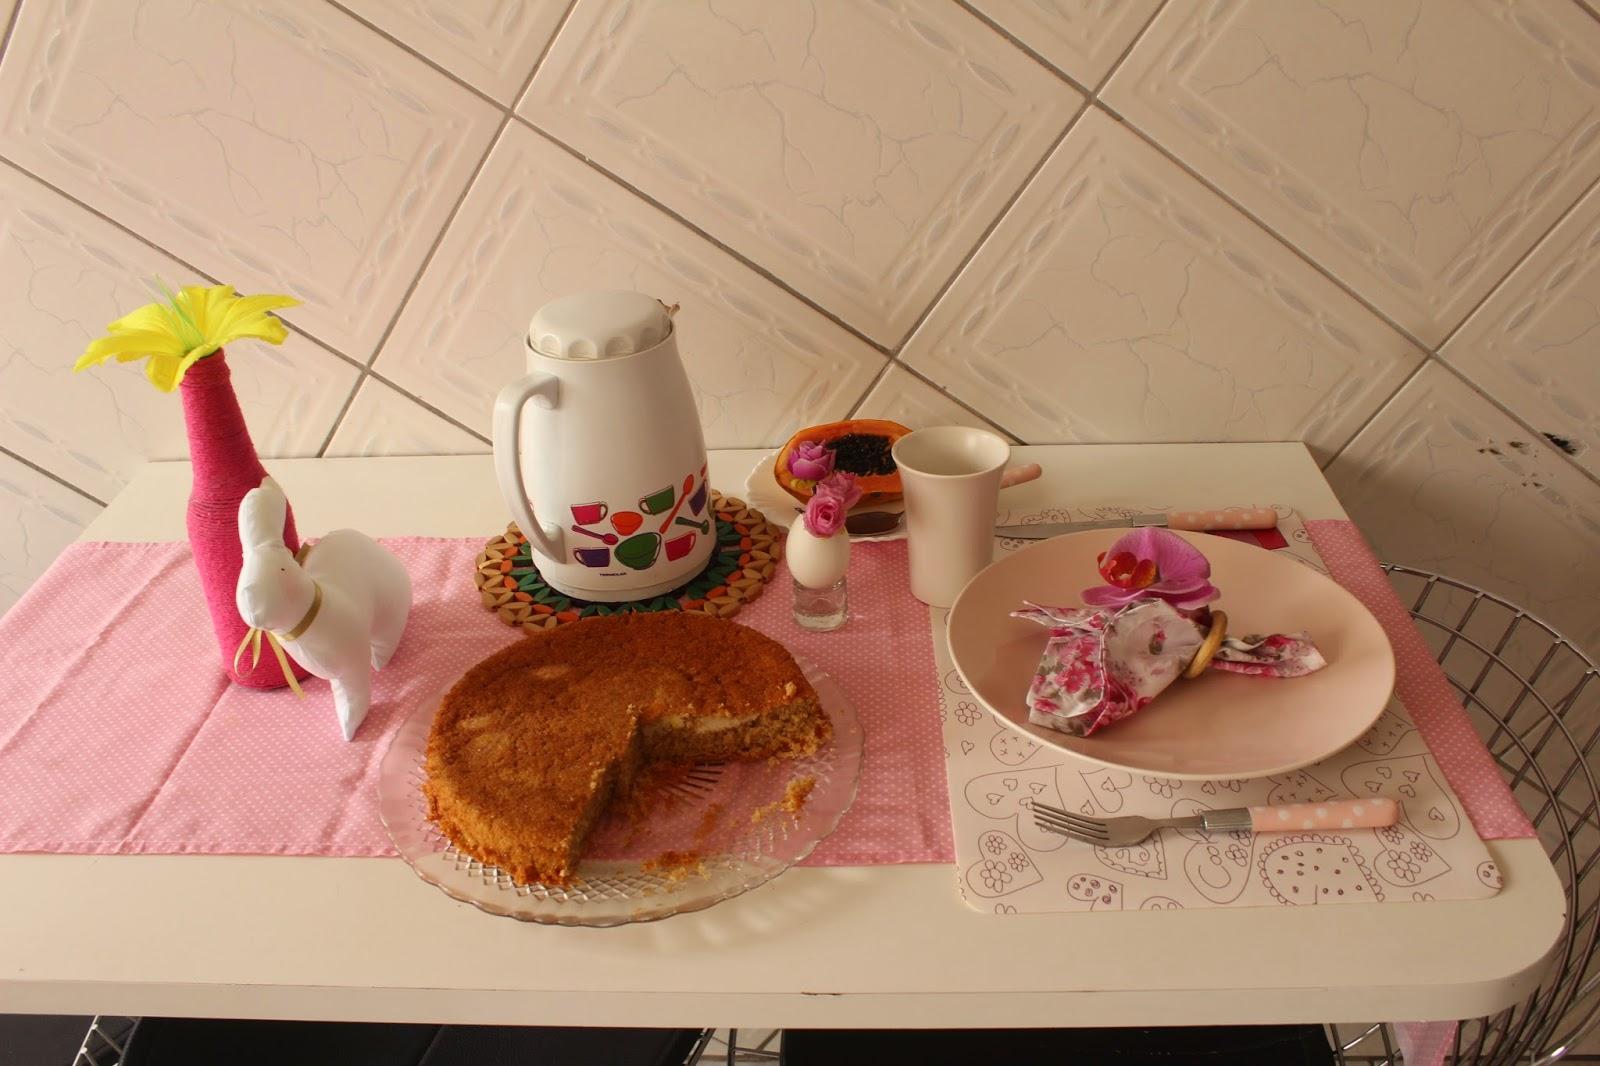 Mesa posta de páscoa - decoração de Páscoa